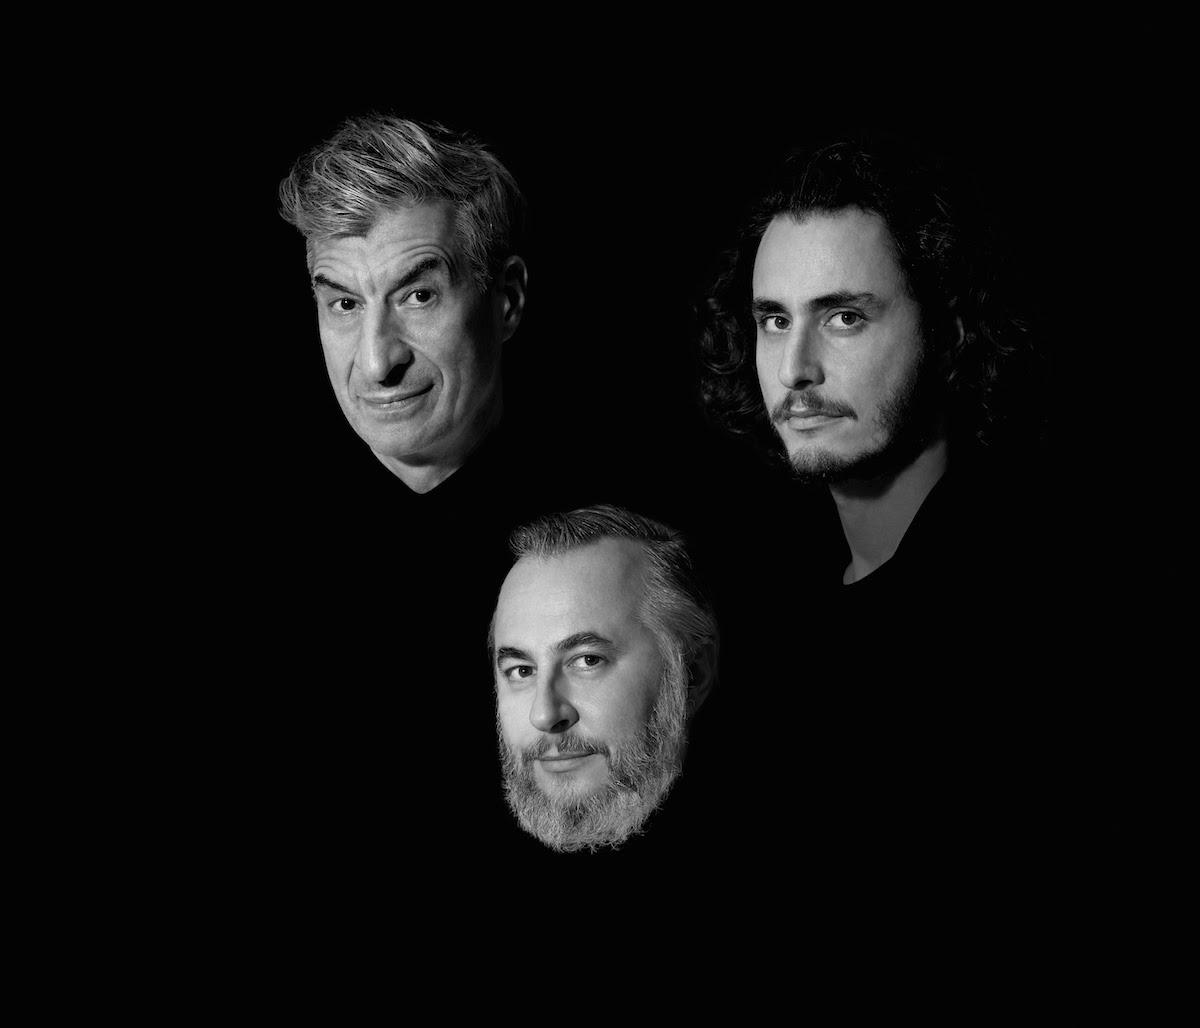 Maurizio Cattelan, Paolo Dalla Mora, Charley Vezza